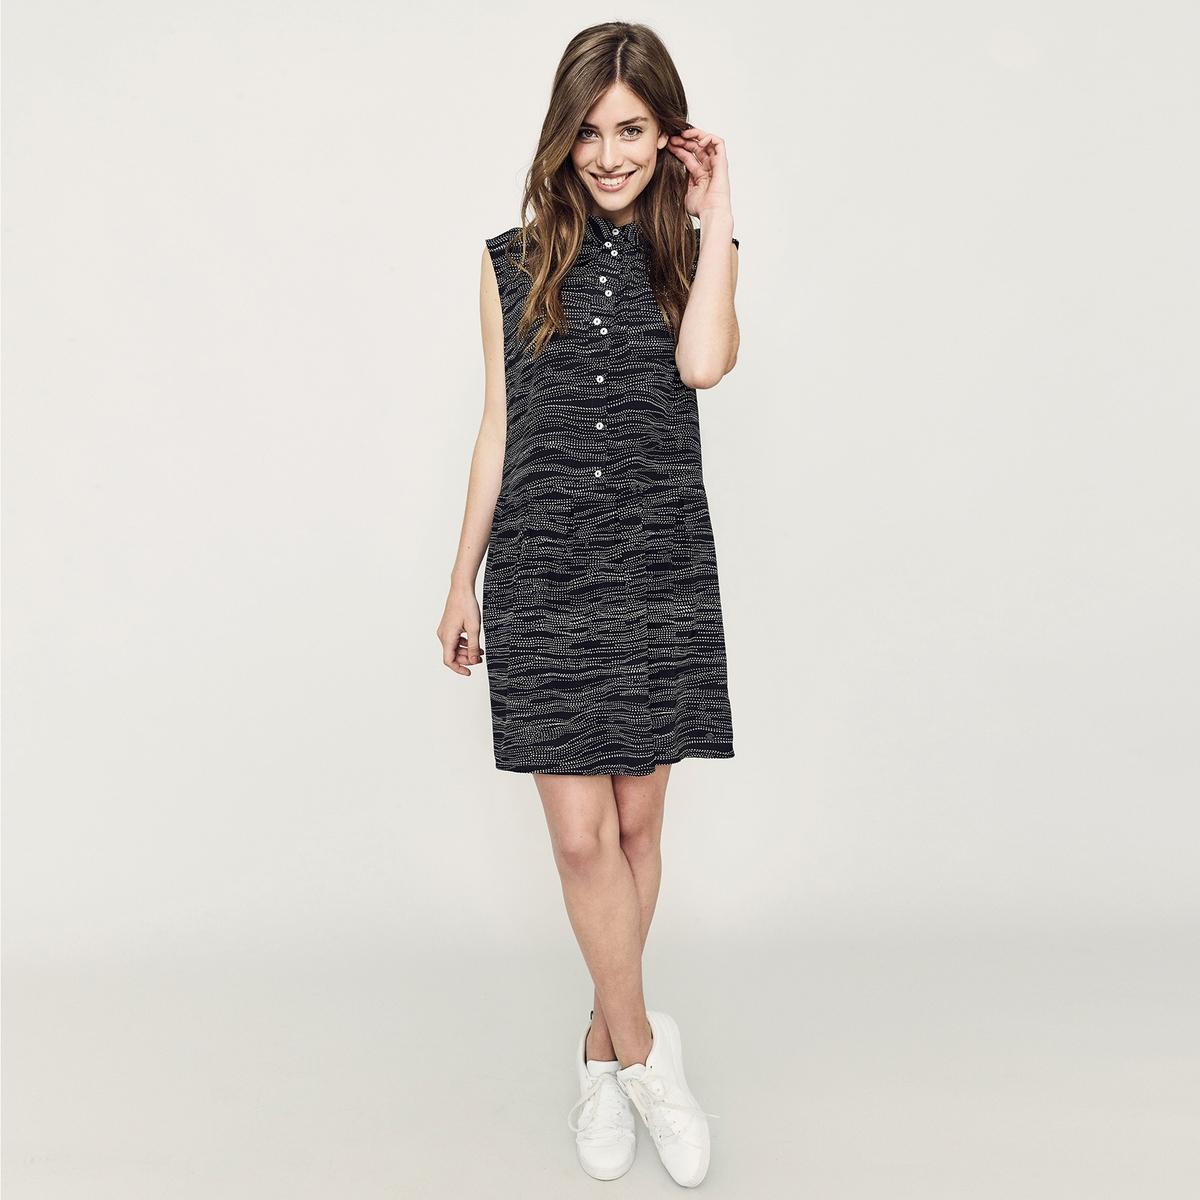 Платье-рубашка с рисунком, без рукавовМатериал : 100% вискоза  Длина рукава : без рукавов  Форма воротника : Круглый вырез Покрой платья : платье прямого покроя  Рисунок : принт.   Длина платья : короткое.<br><br>Цвет: черный/ белый